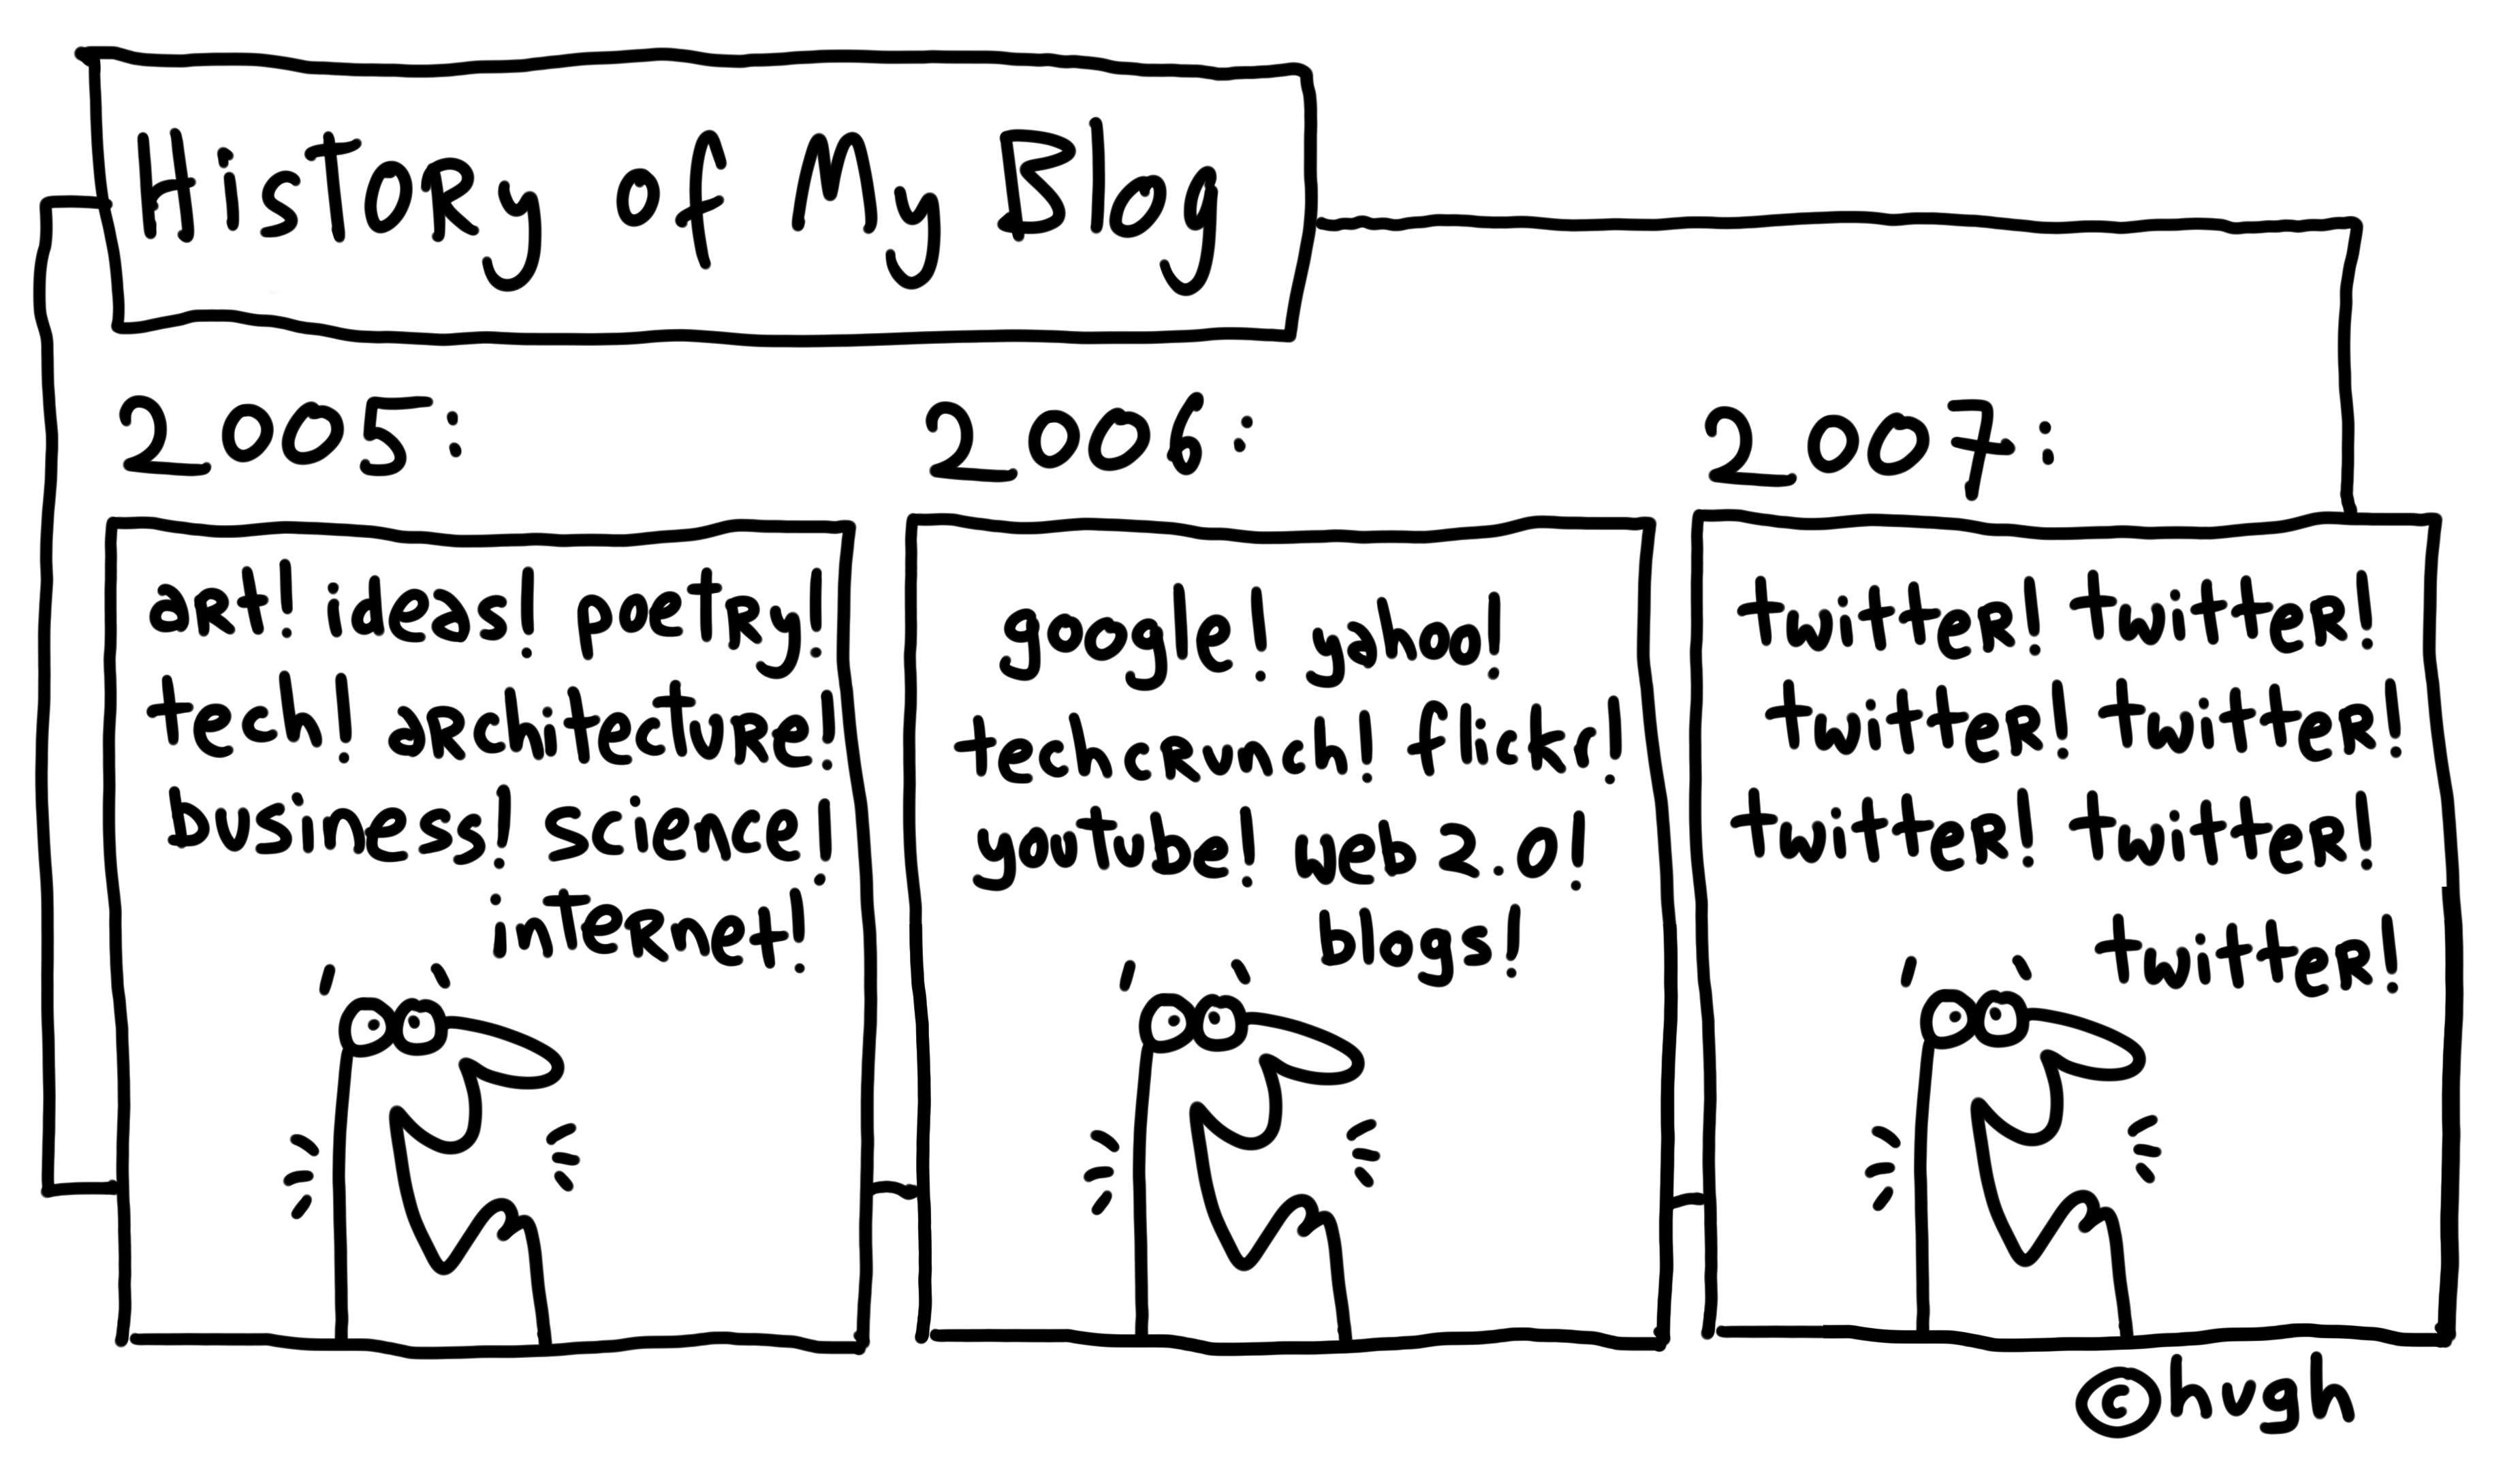 historia-de-un-blog.jpg